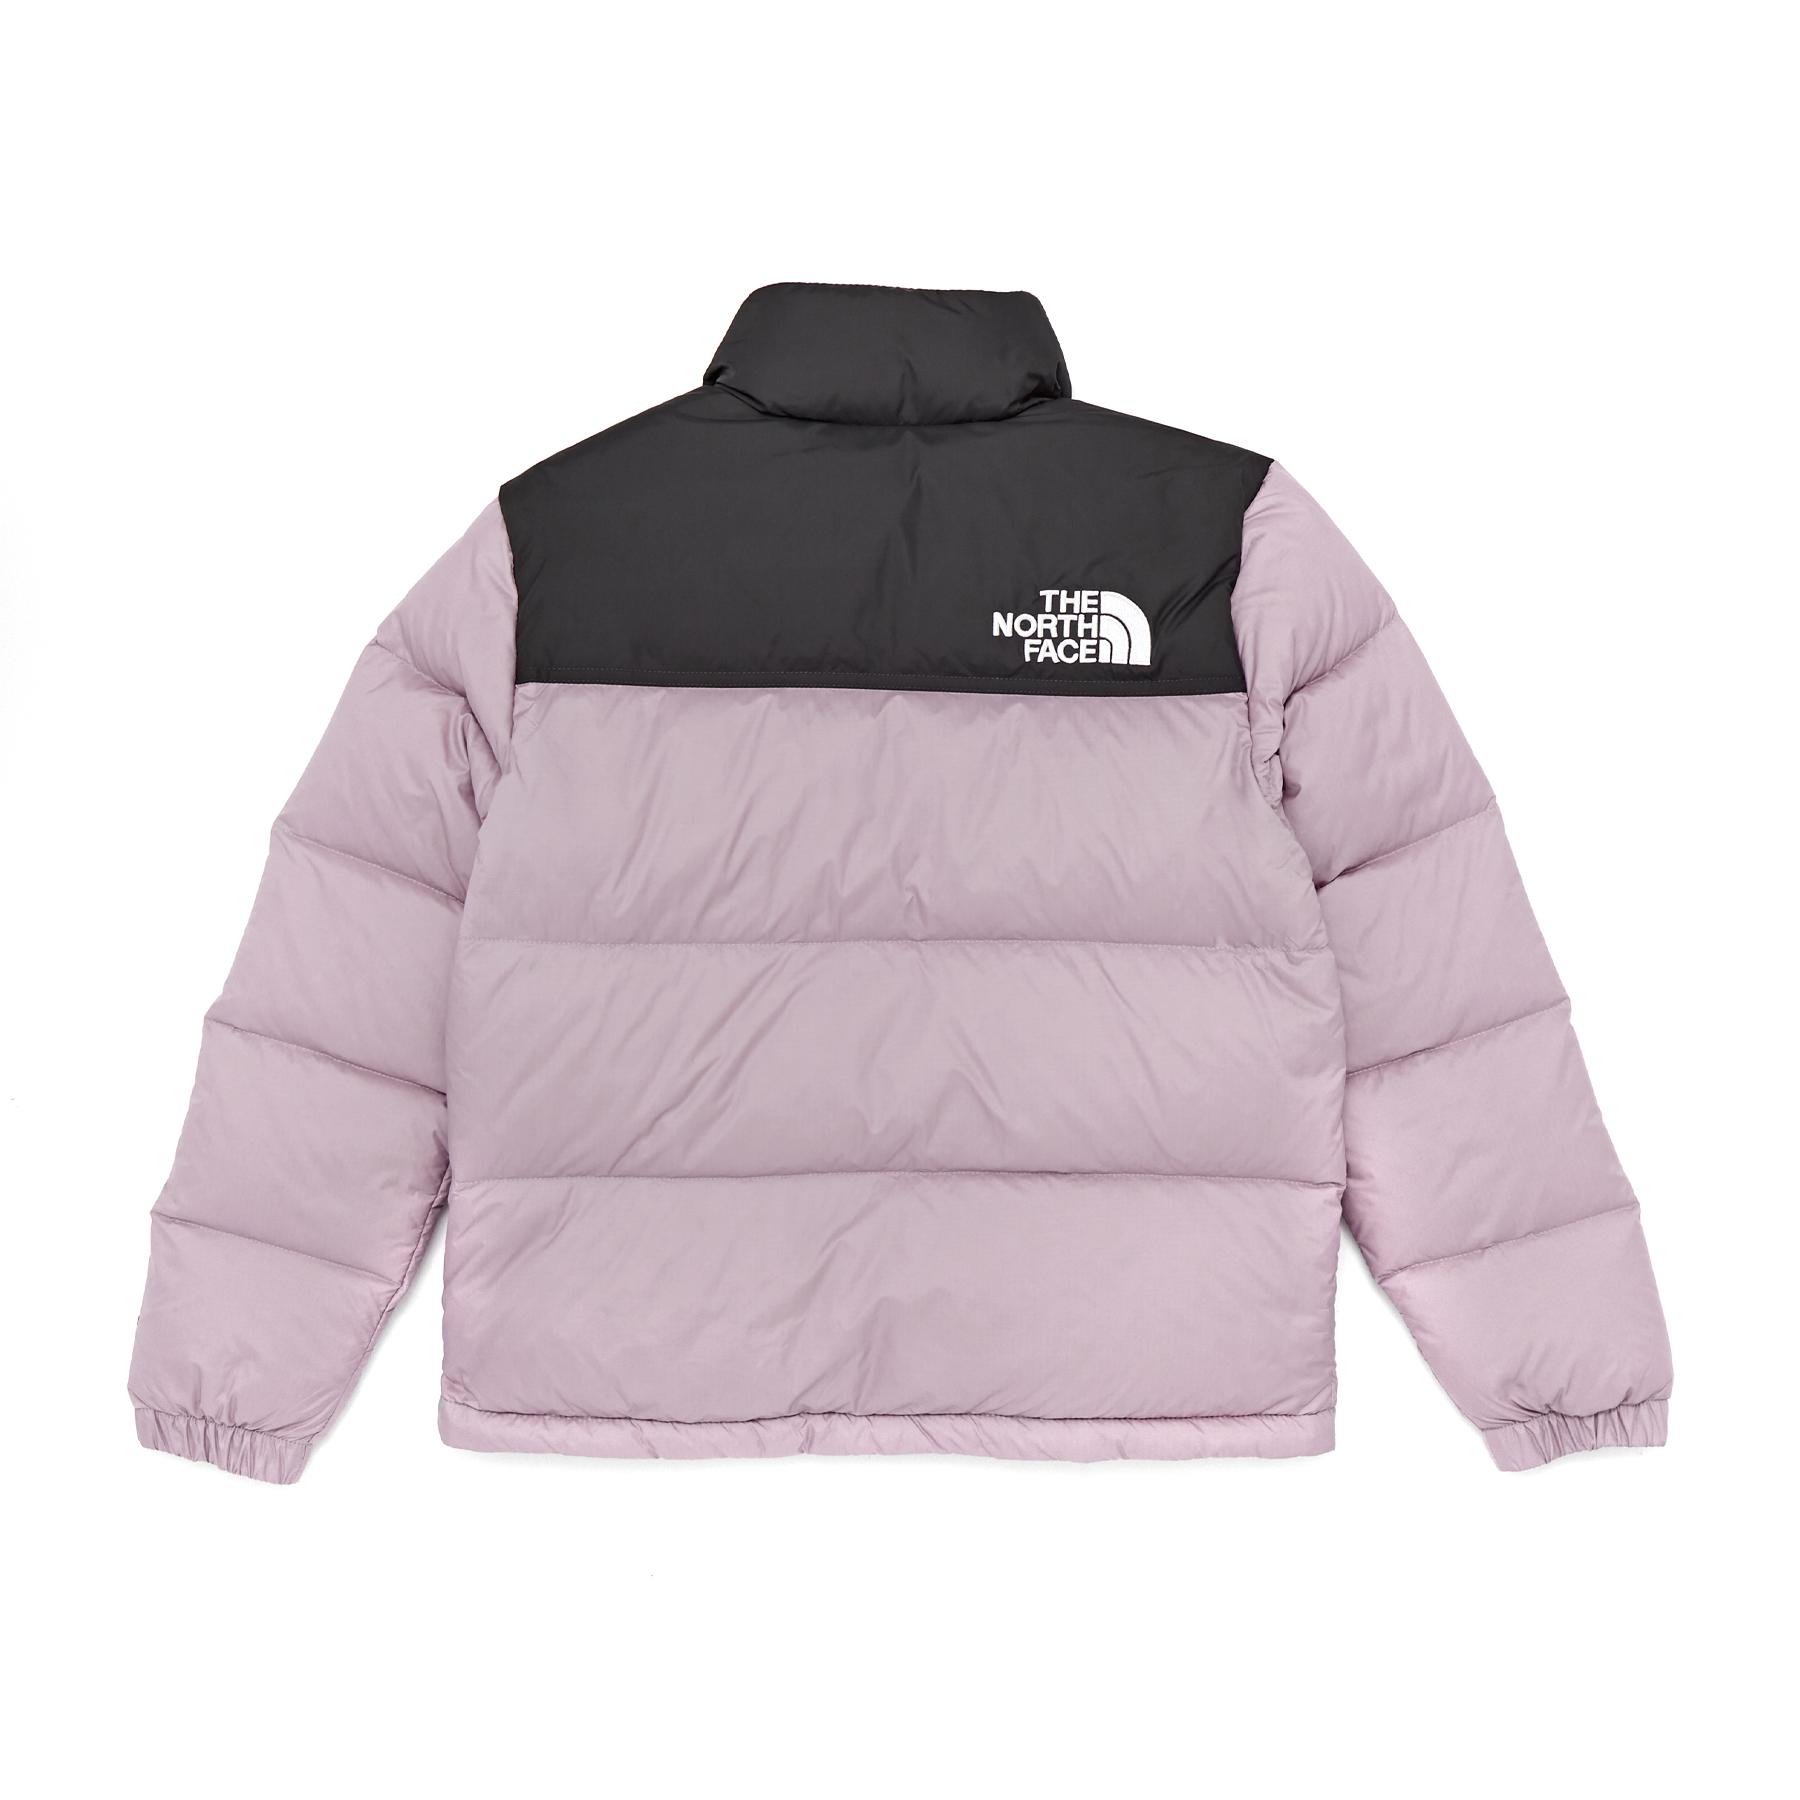 schönen Glanz beliebte Marke attraktive Mode Kinder Nuptse North Face Retro Daunenjacke wuOXZiPkT